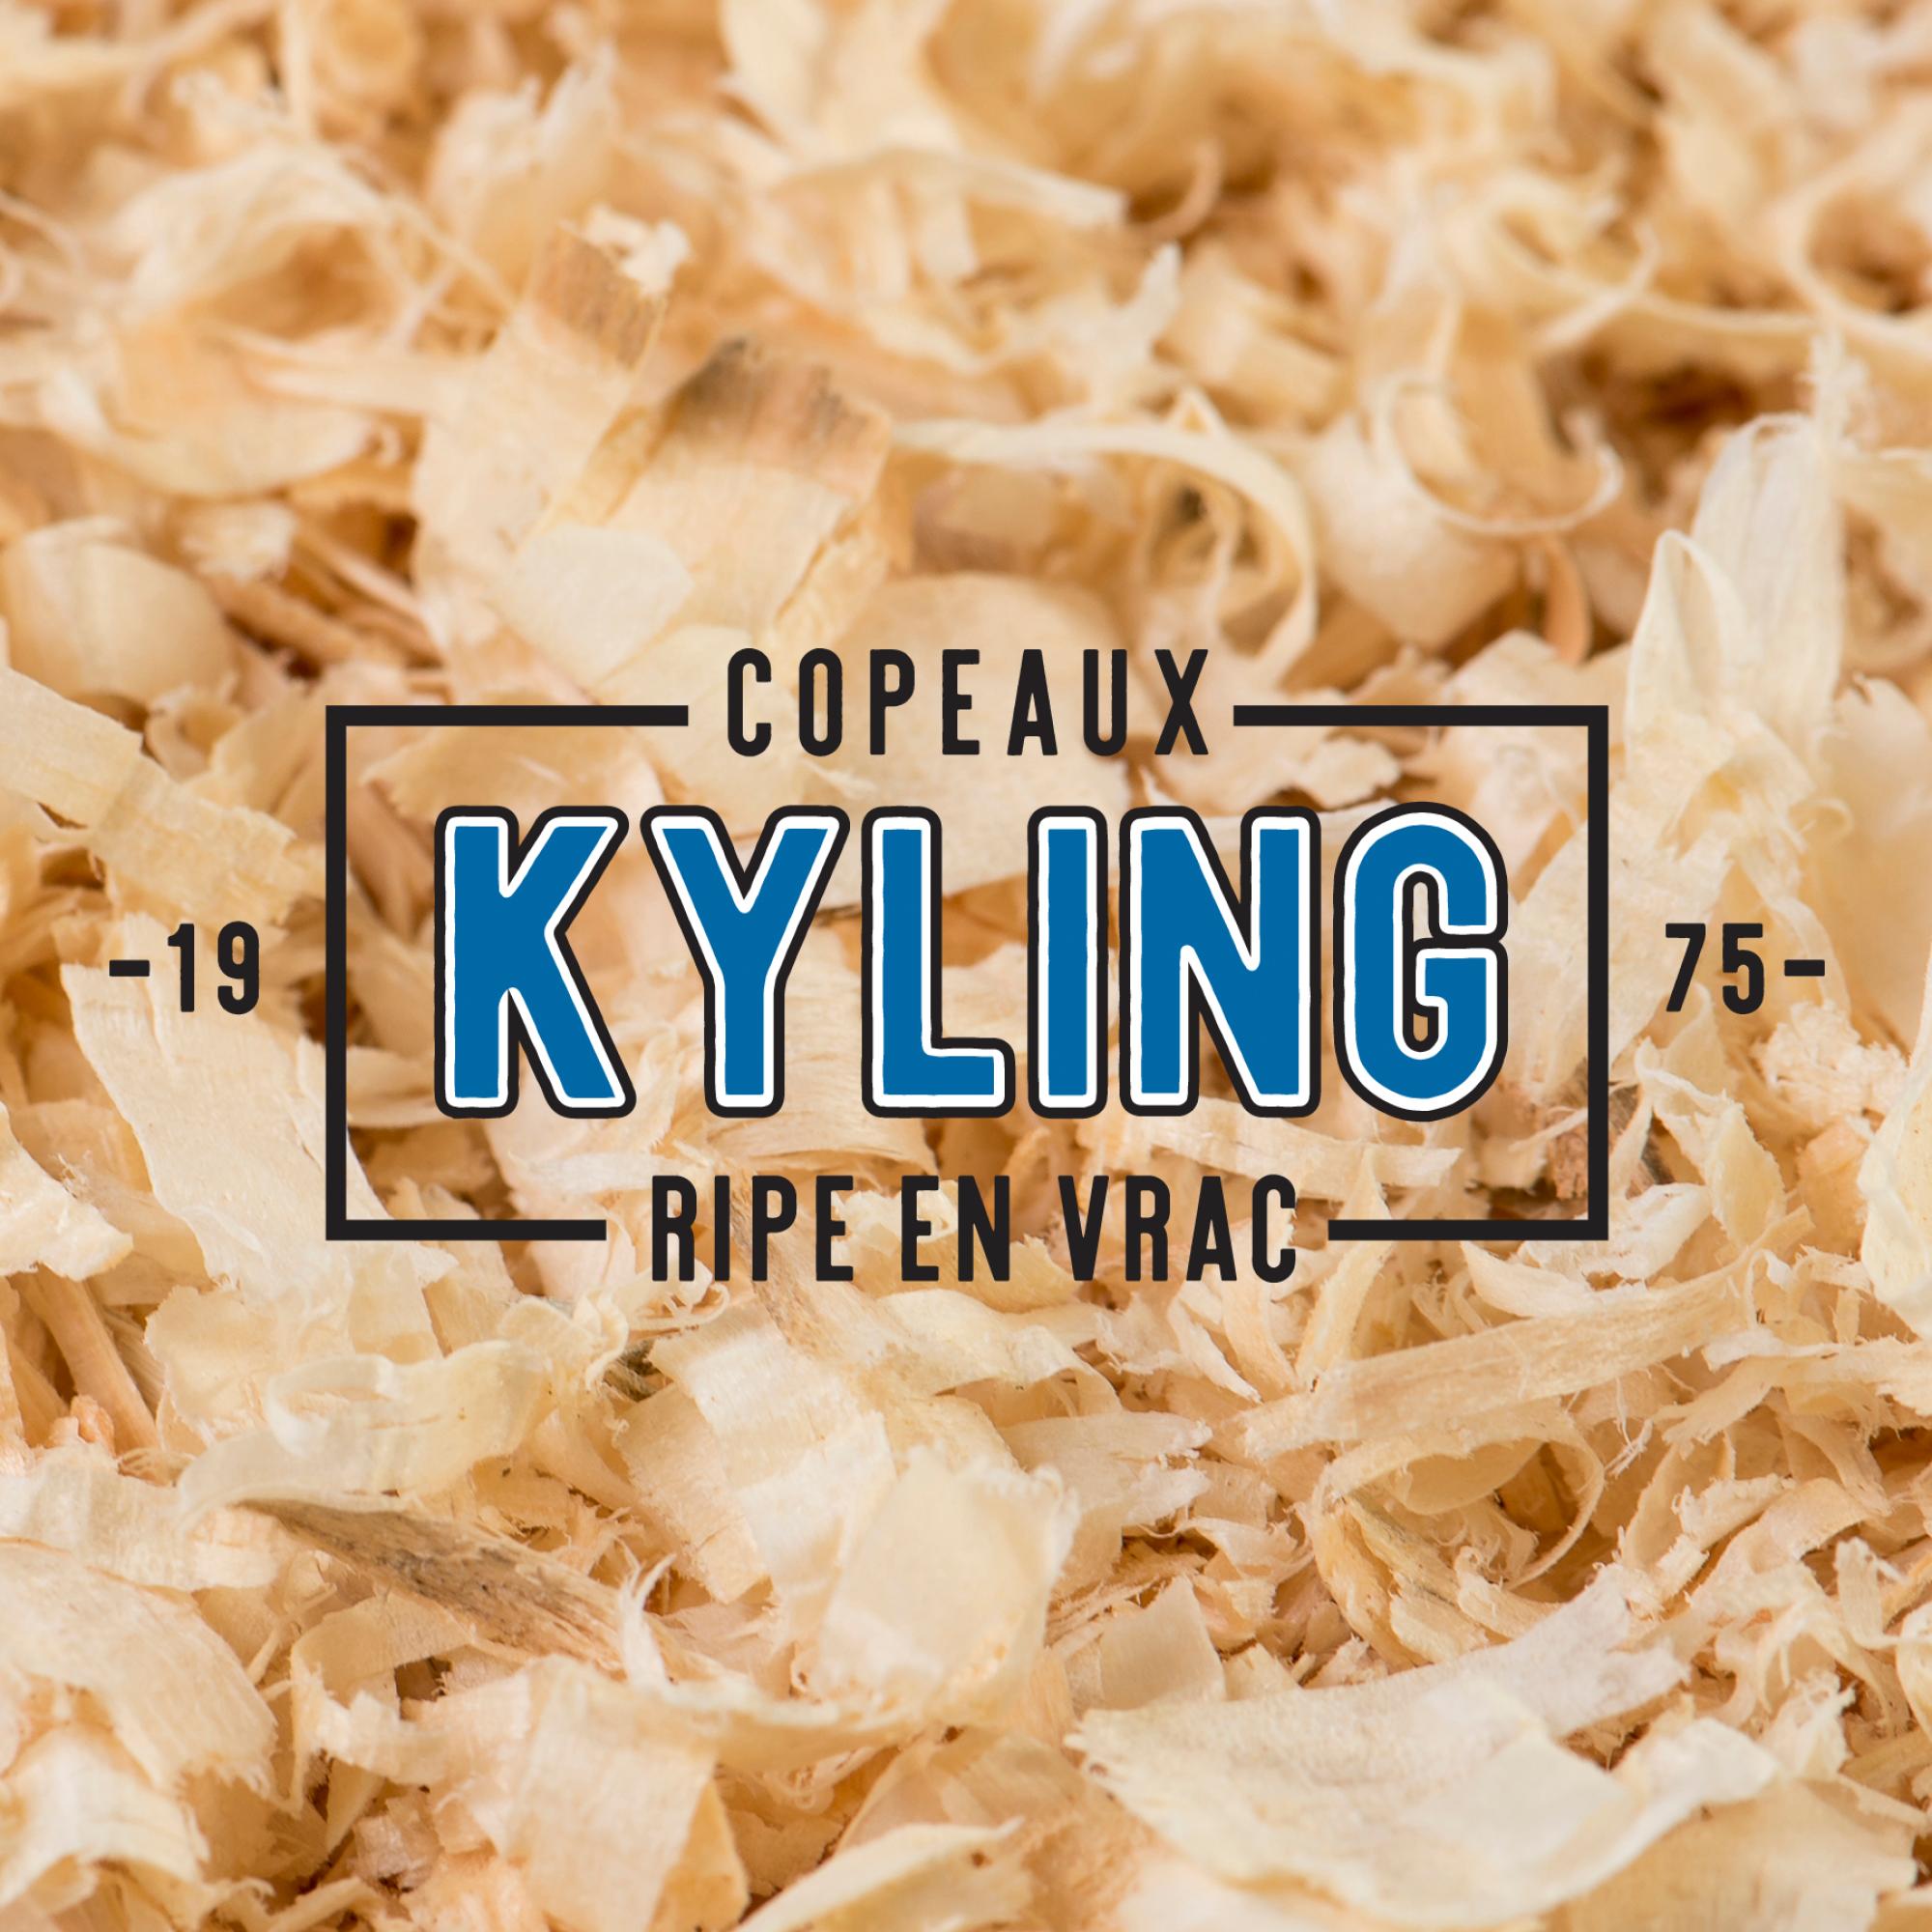 Copeaux Kyling